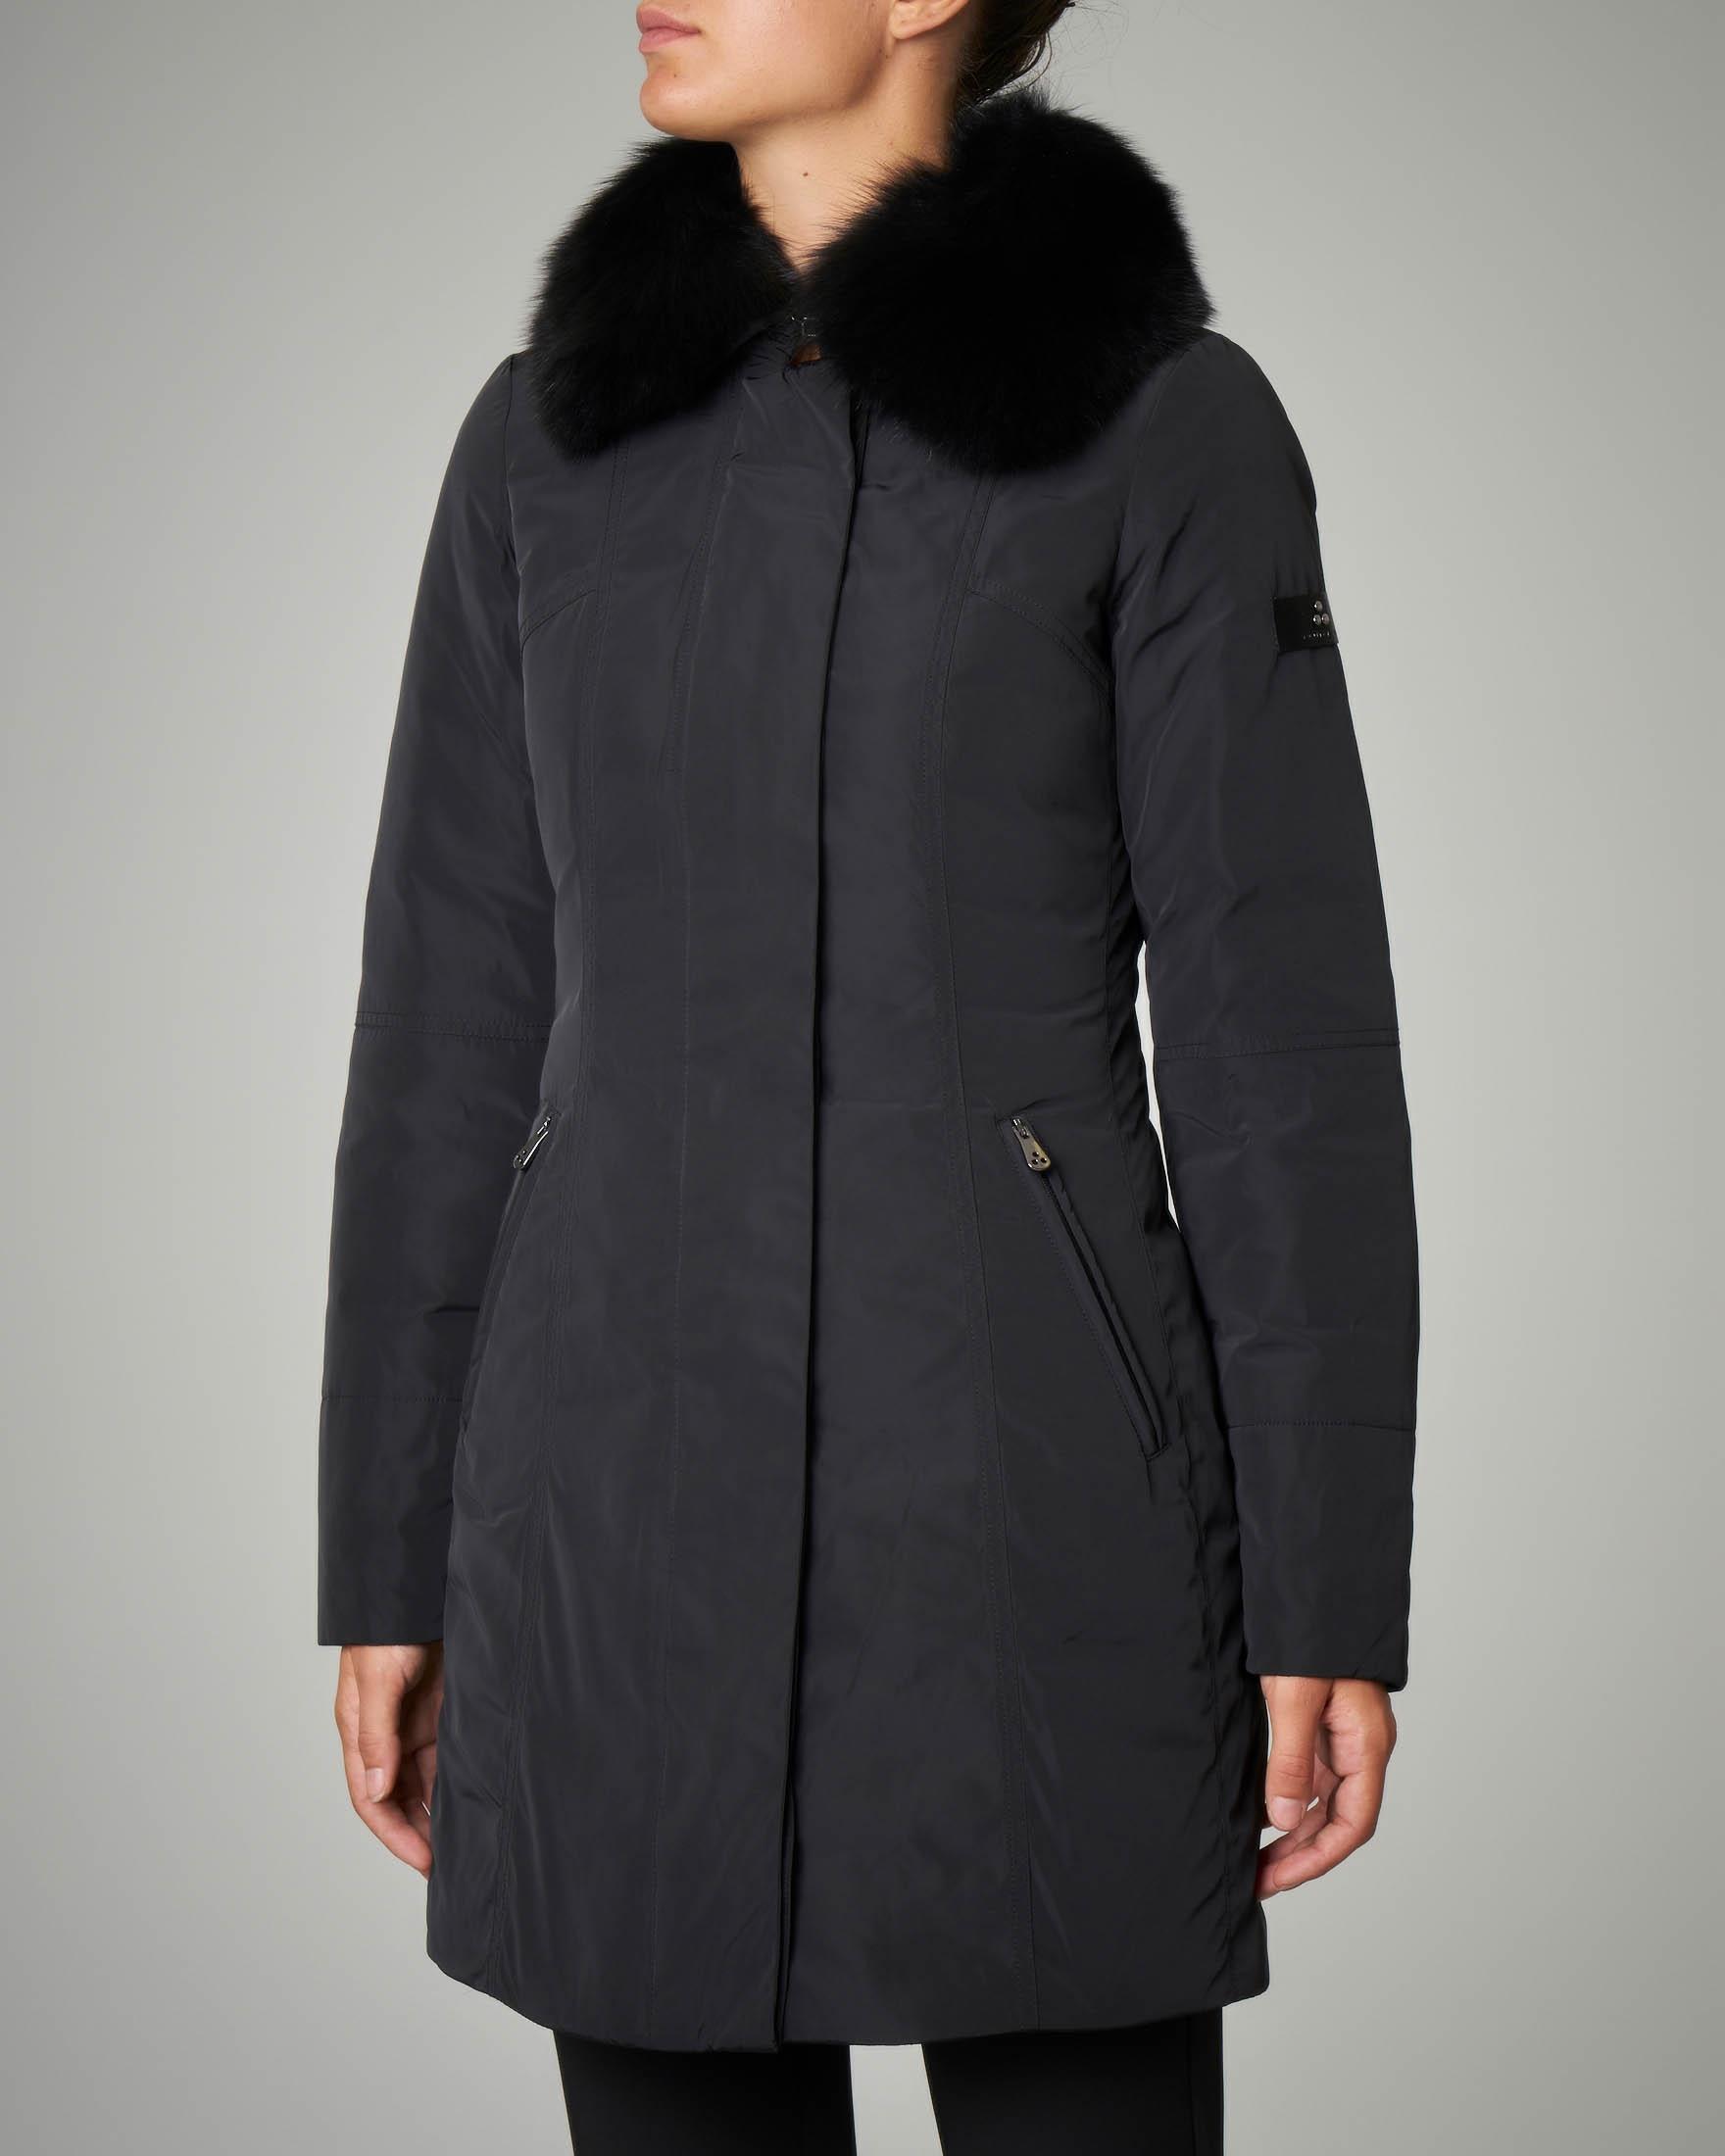 Giacca lunga nera con colletto di  pelliccia di volpe